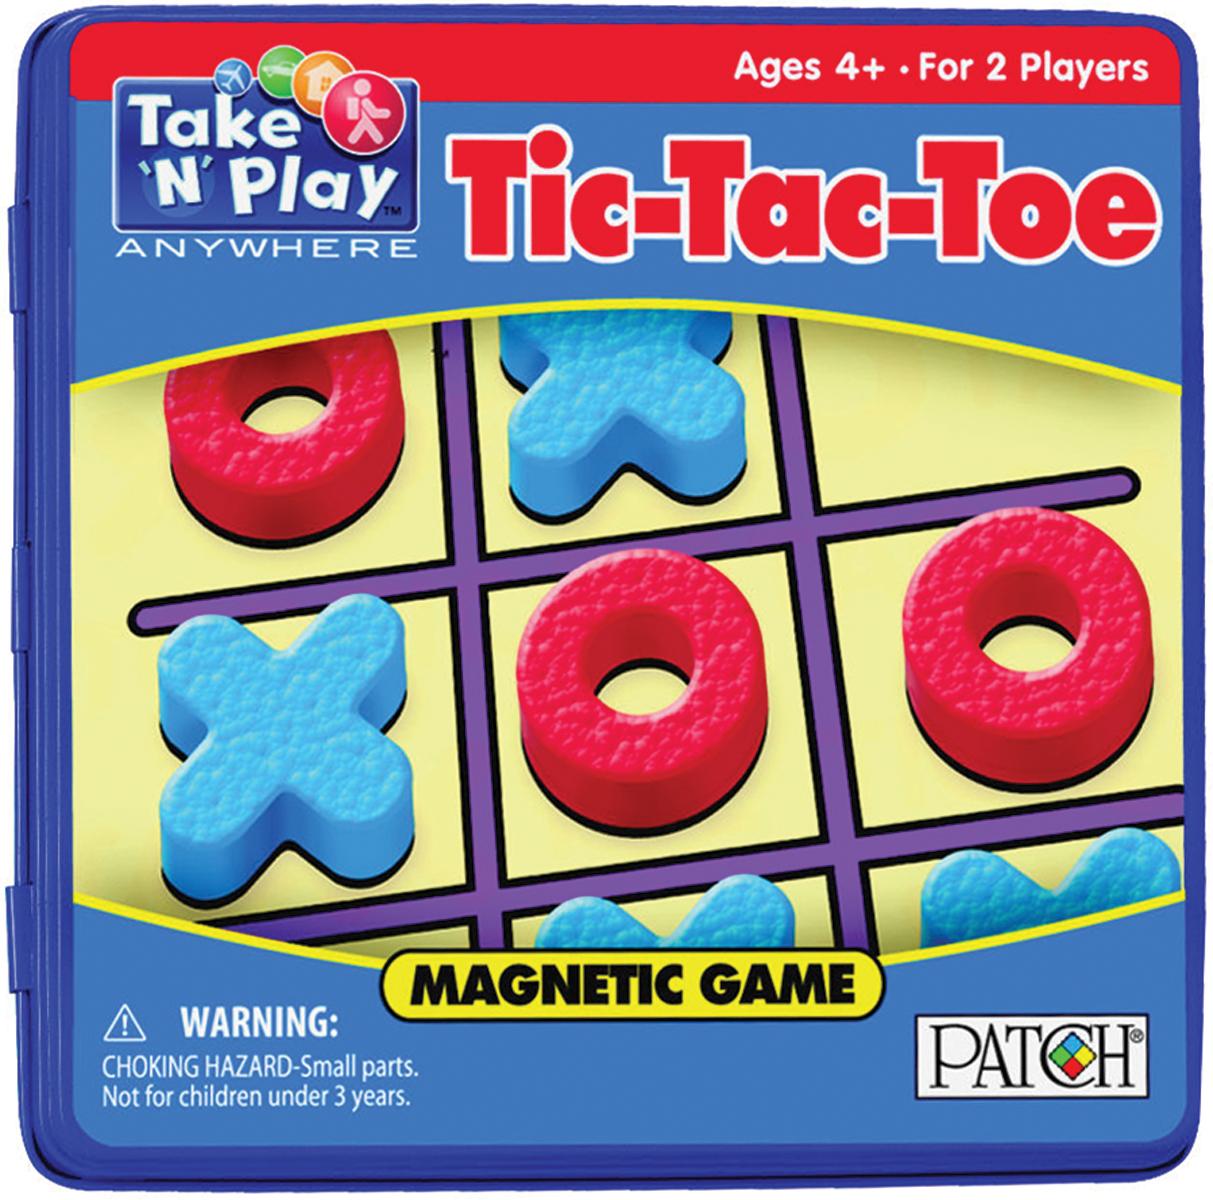 Take 'N' Play Anywhere Magnetic Game-Tic-Tac-Toe